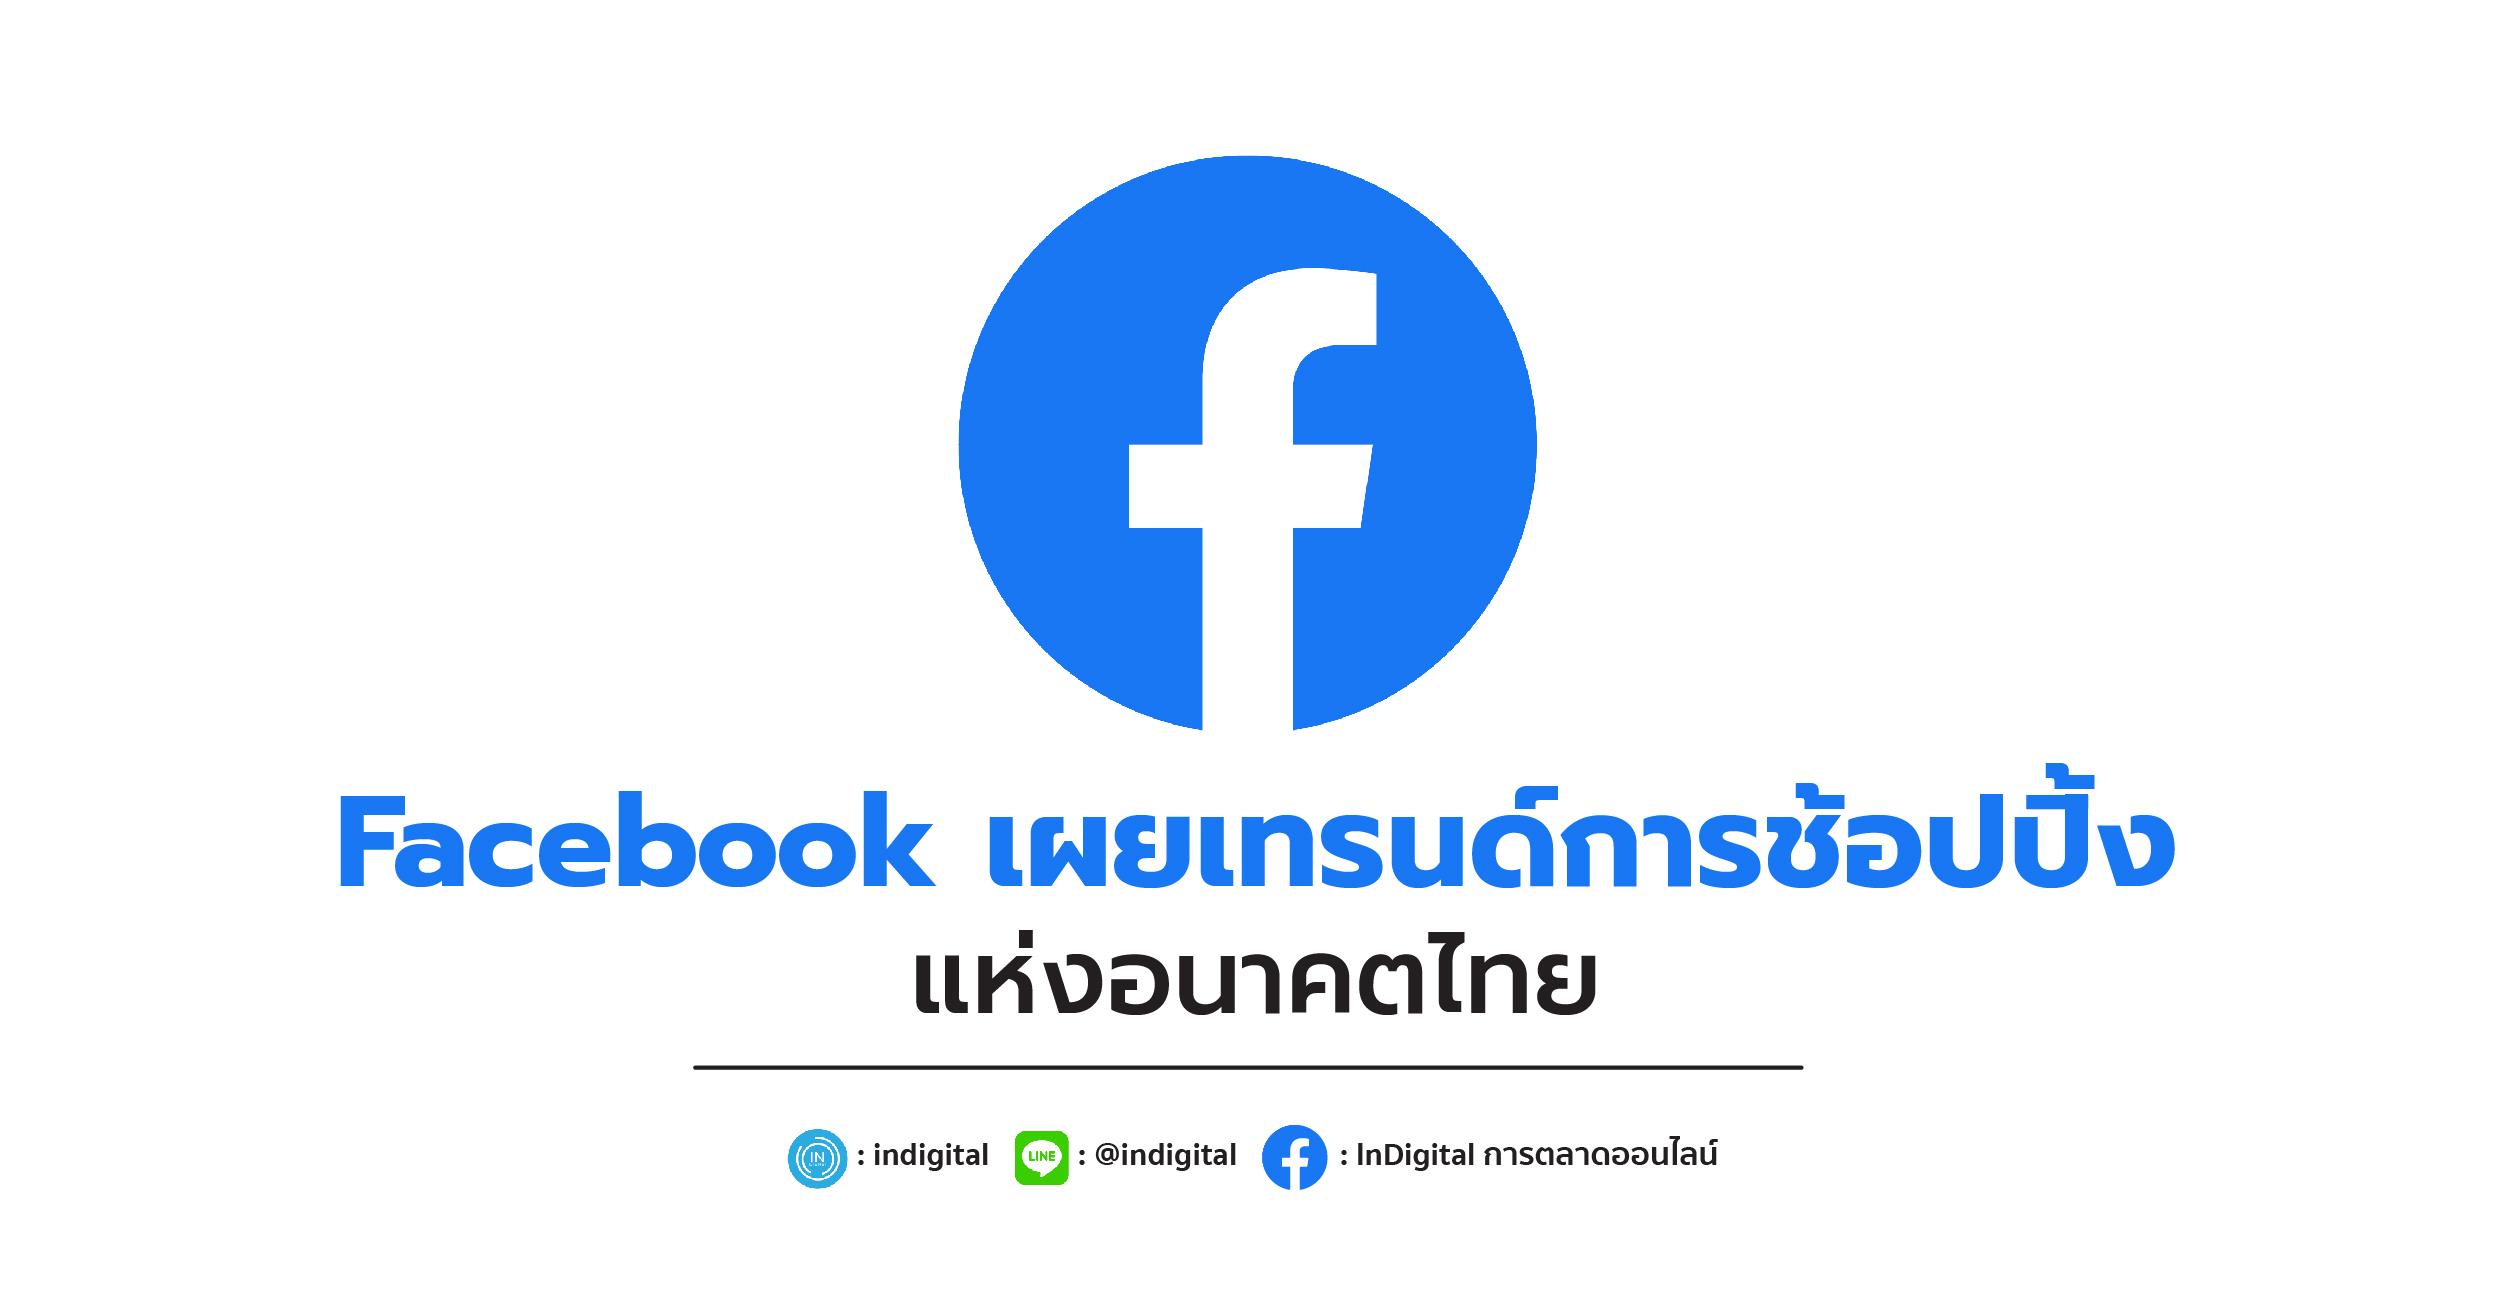 Facebook เผยเทรนด์การช้อปปิ้งแห่งอนาคตในไทย